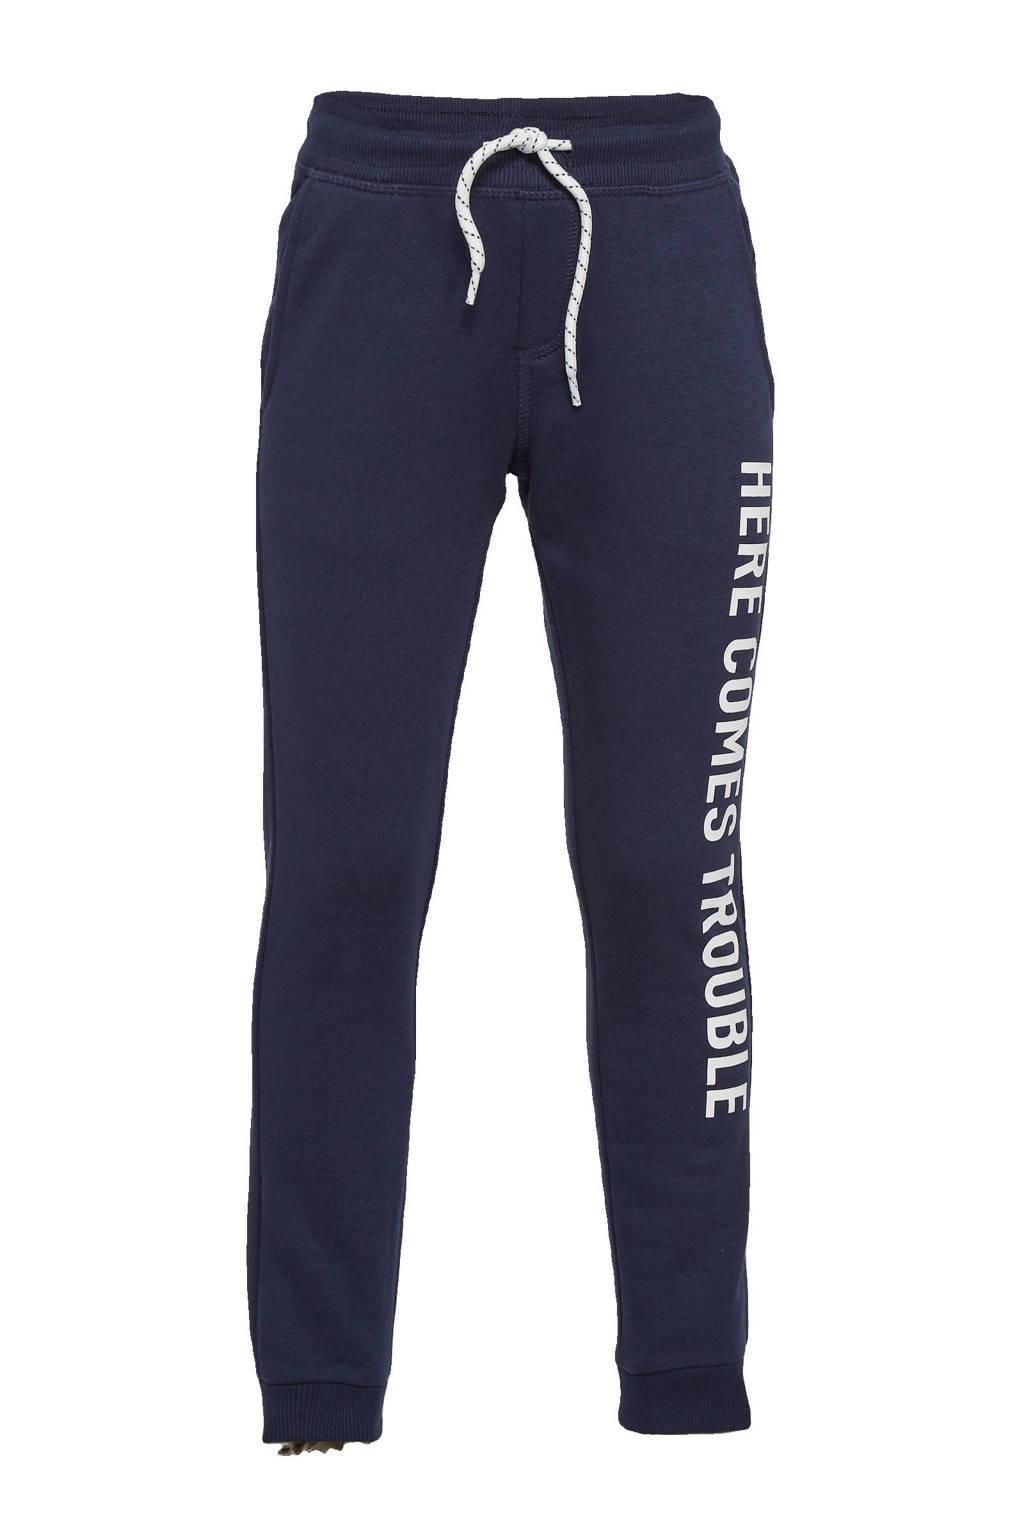 C&A Palomino joggingbroek met biologisch katoen donkerblauw, Donkerblauw